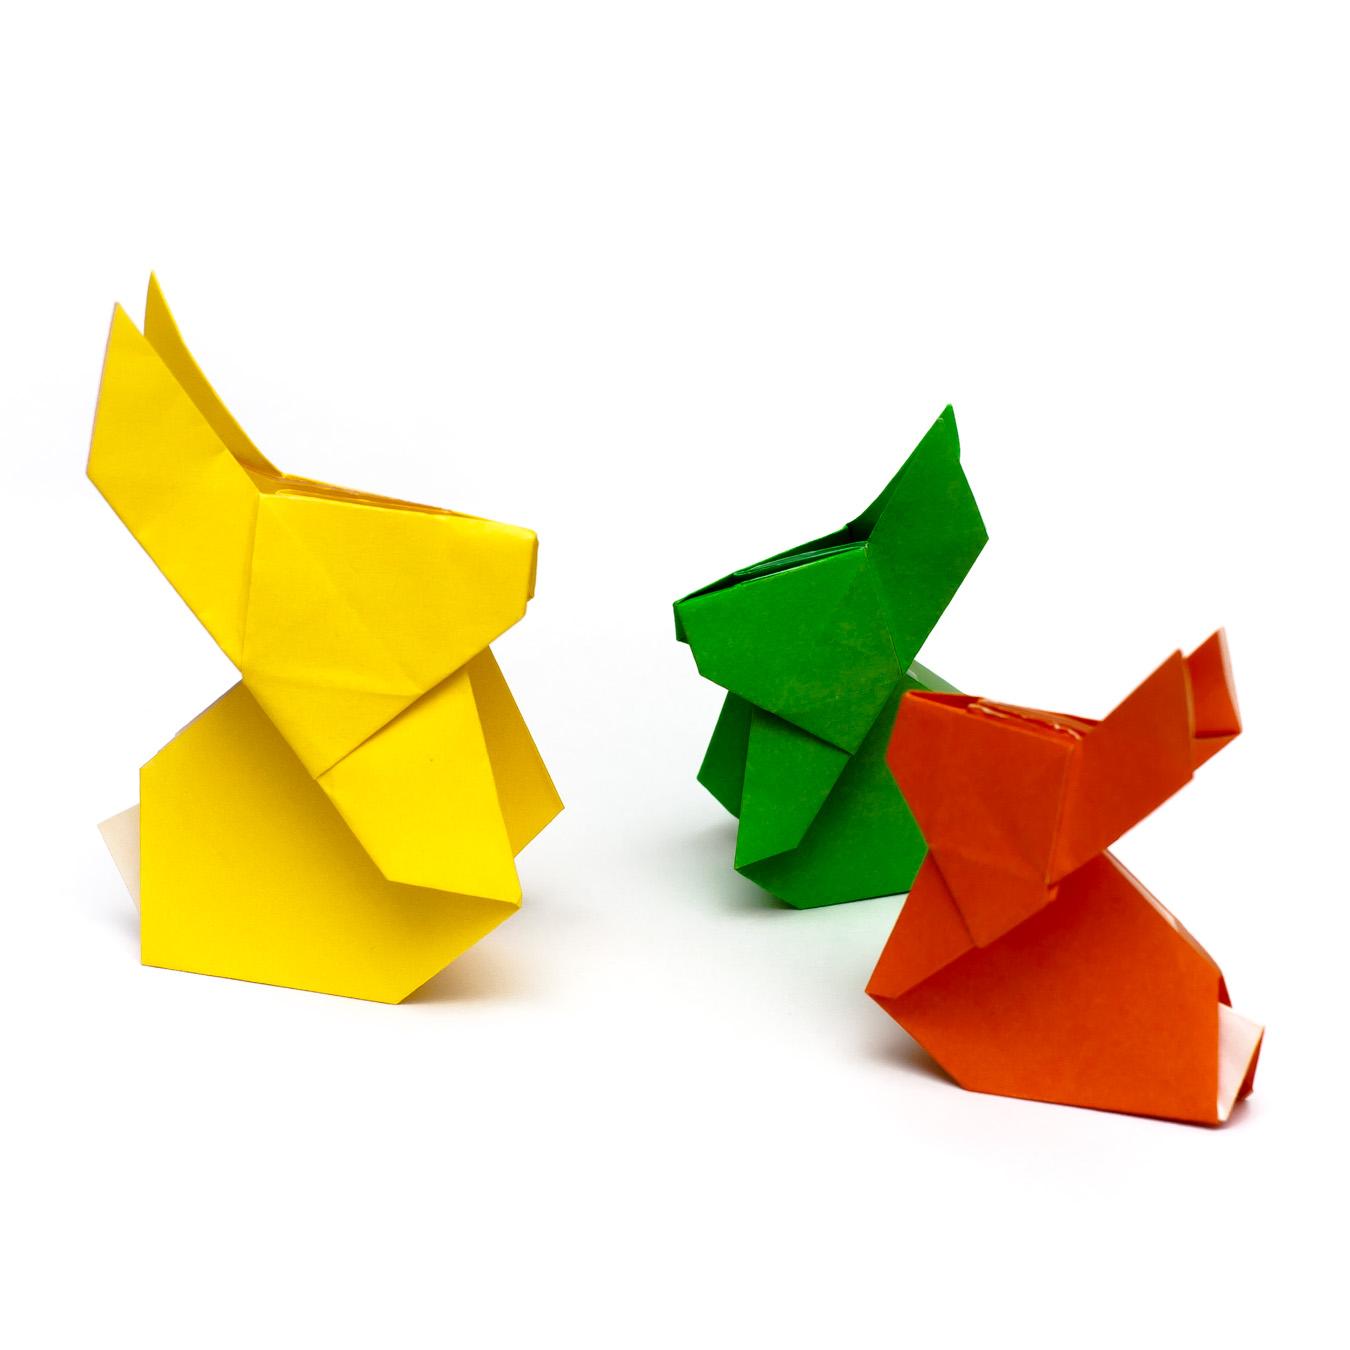 วิธีการพับกระดาษเป็นรูปกระต่าย แบบของเอ็ดวิน คอรี่ (Origami Rabbit)  028